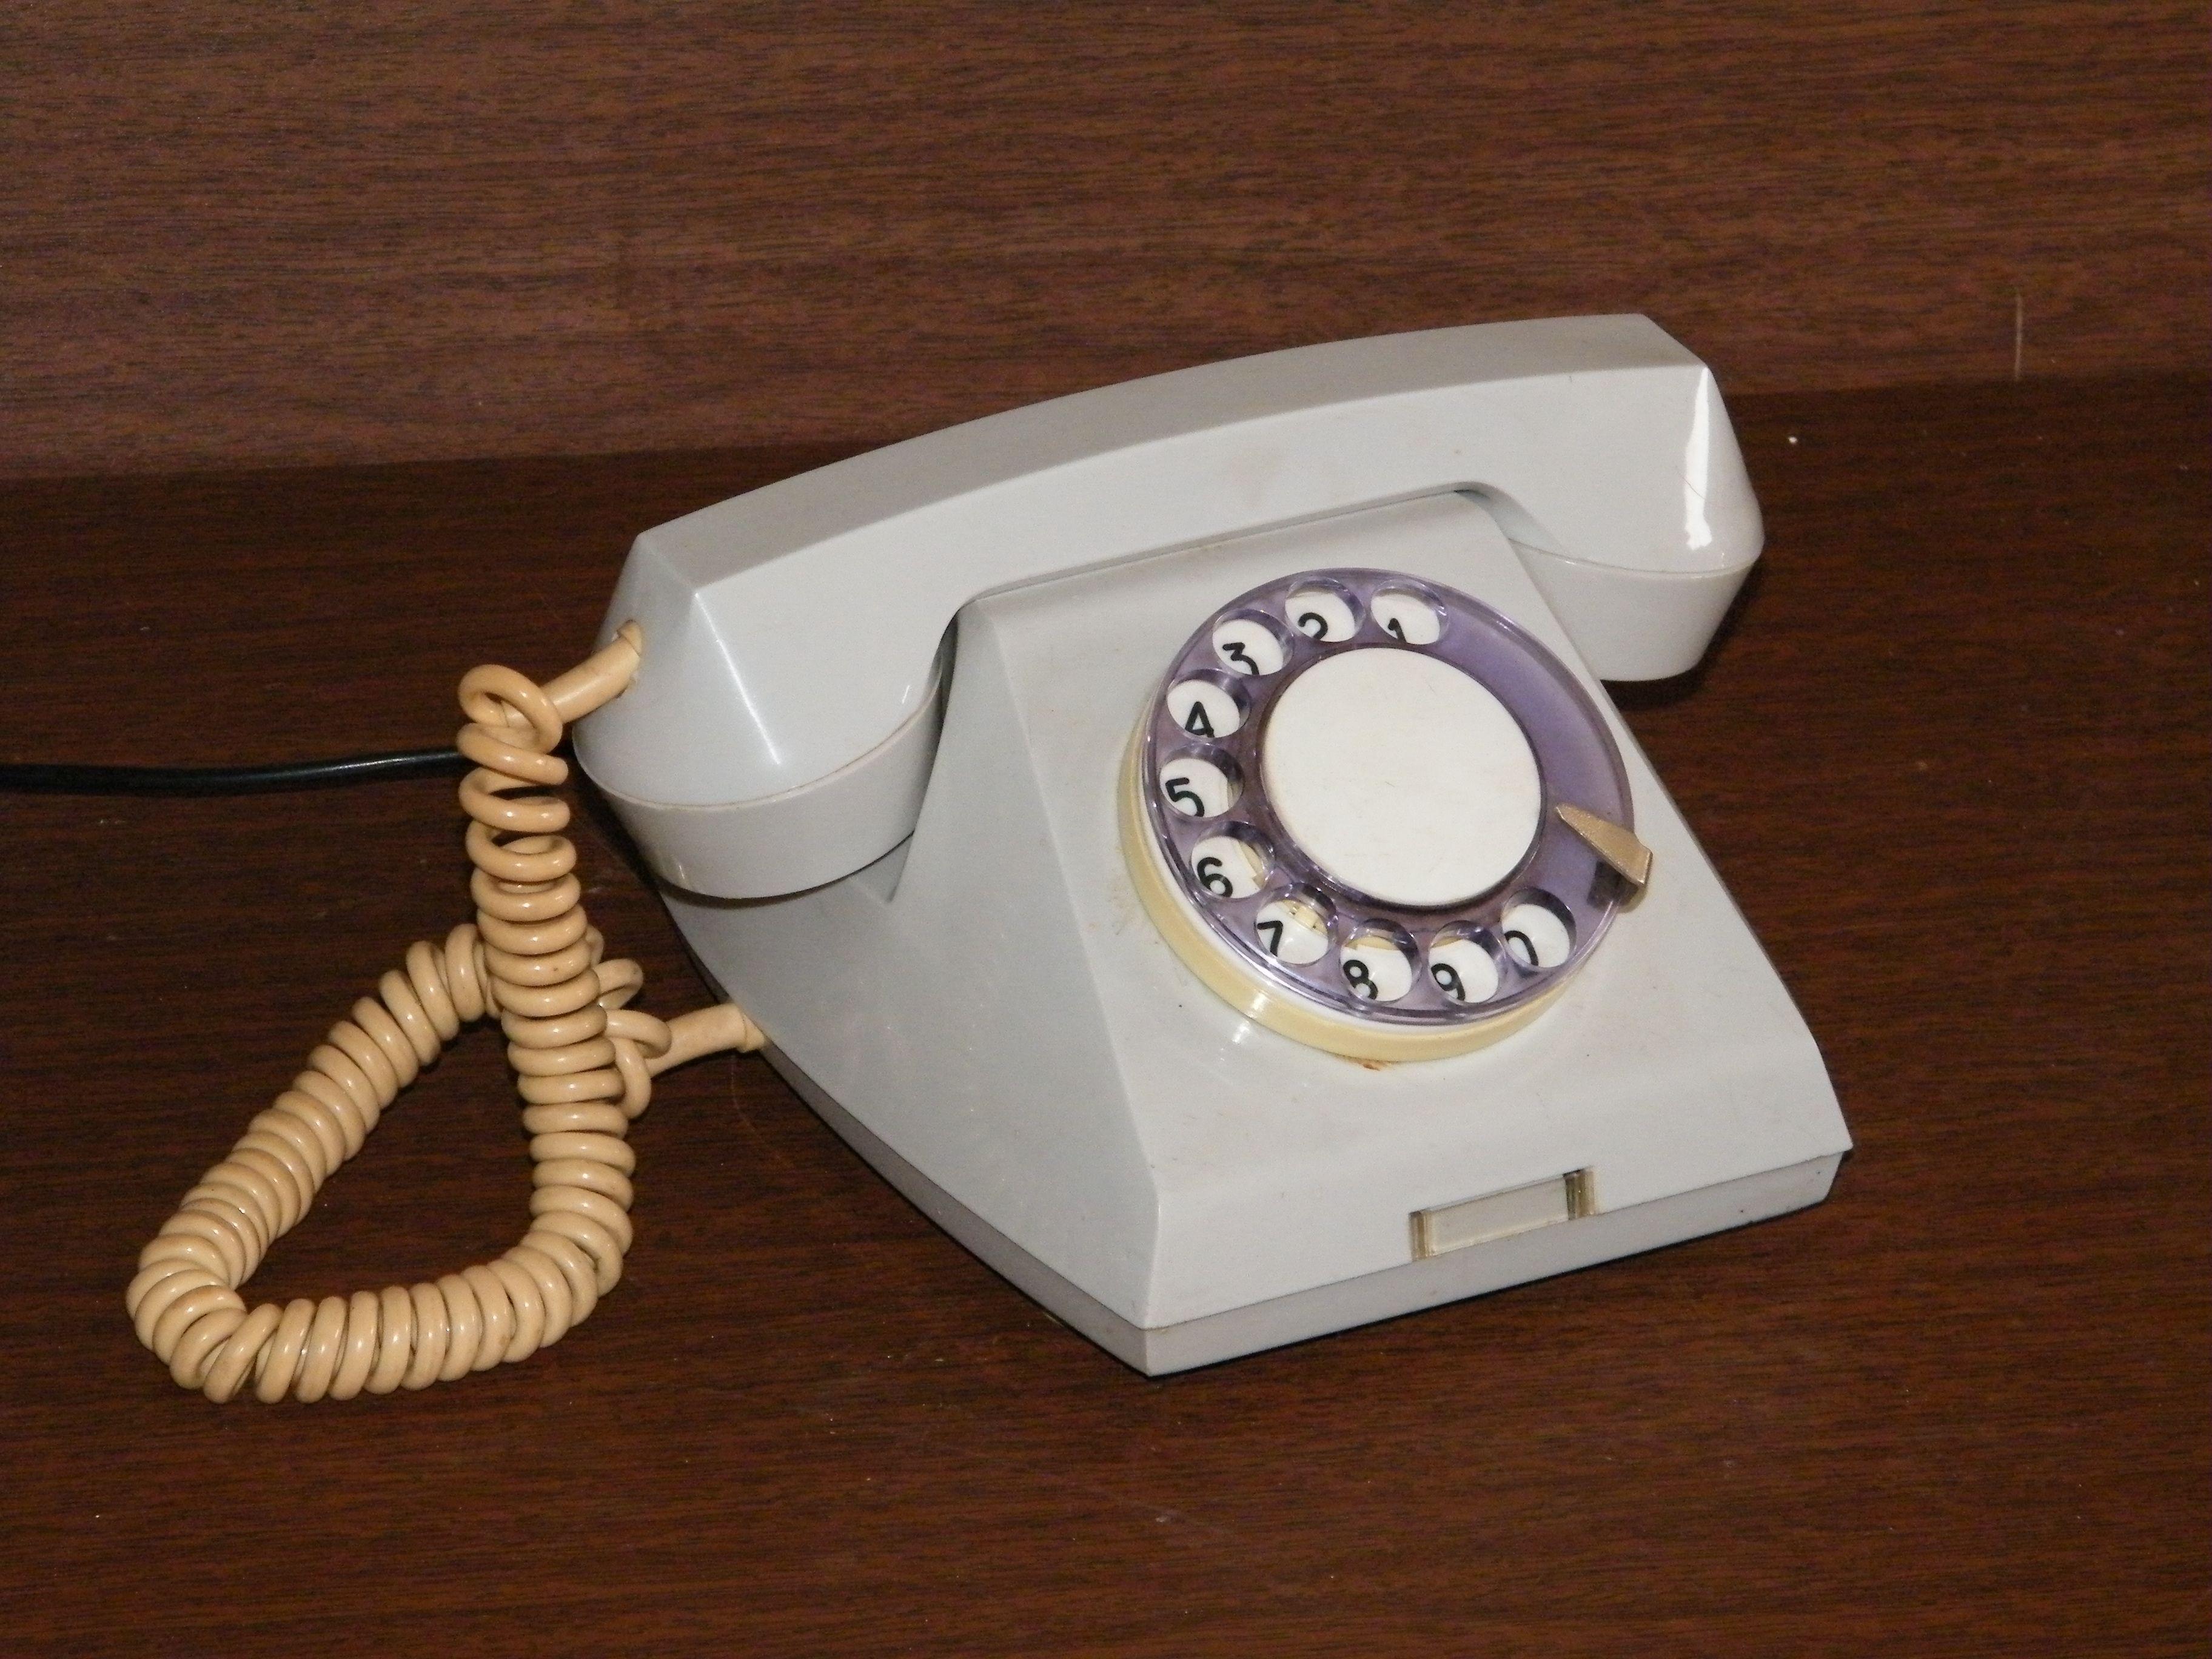 Нужен ли сейчас стационарный телефон?